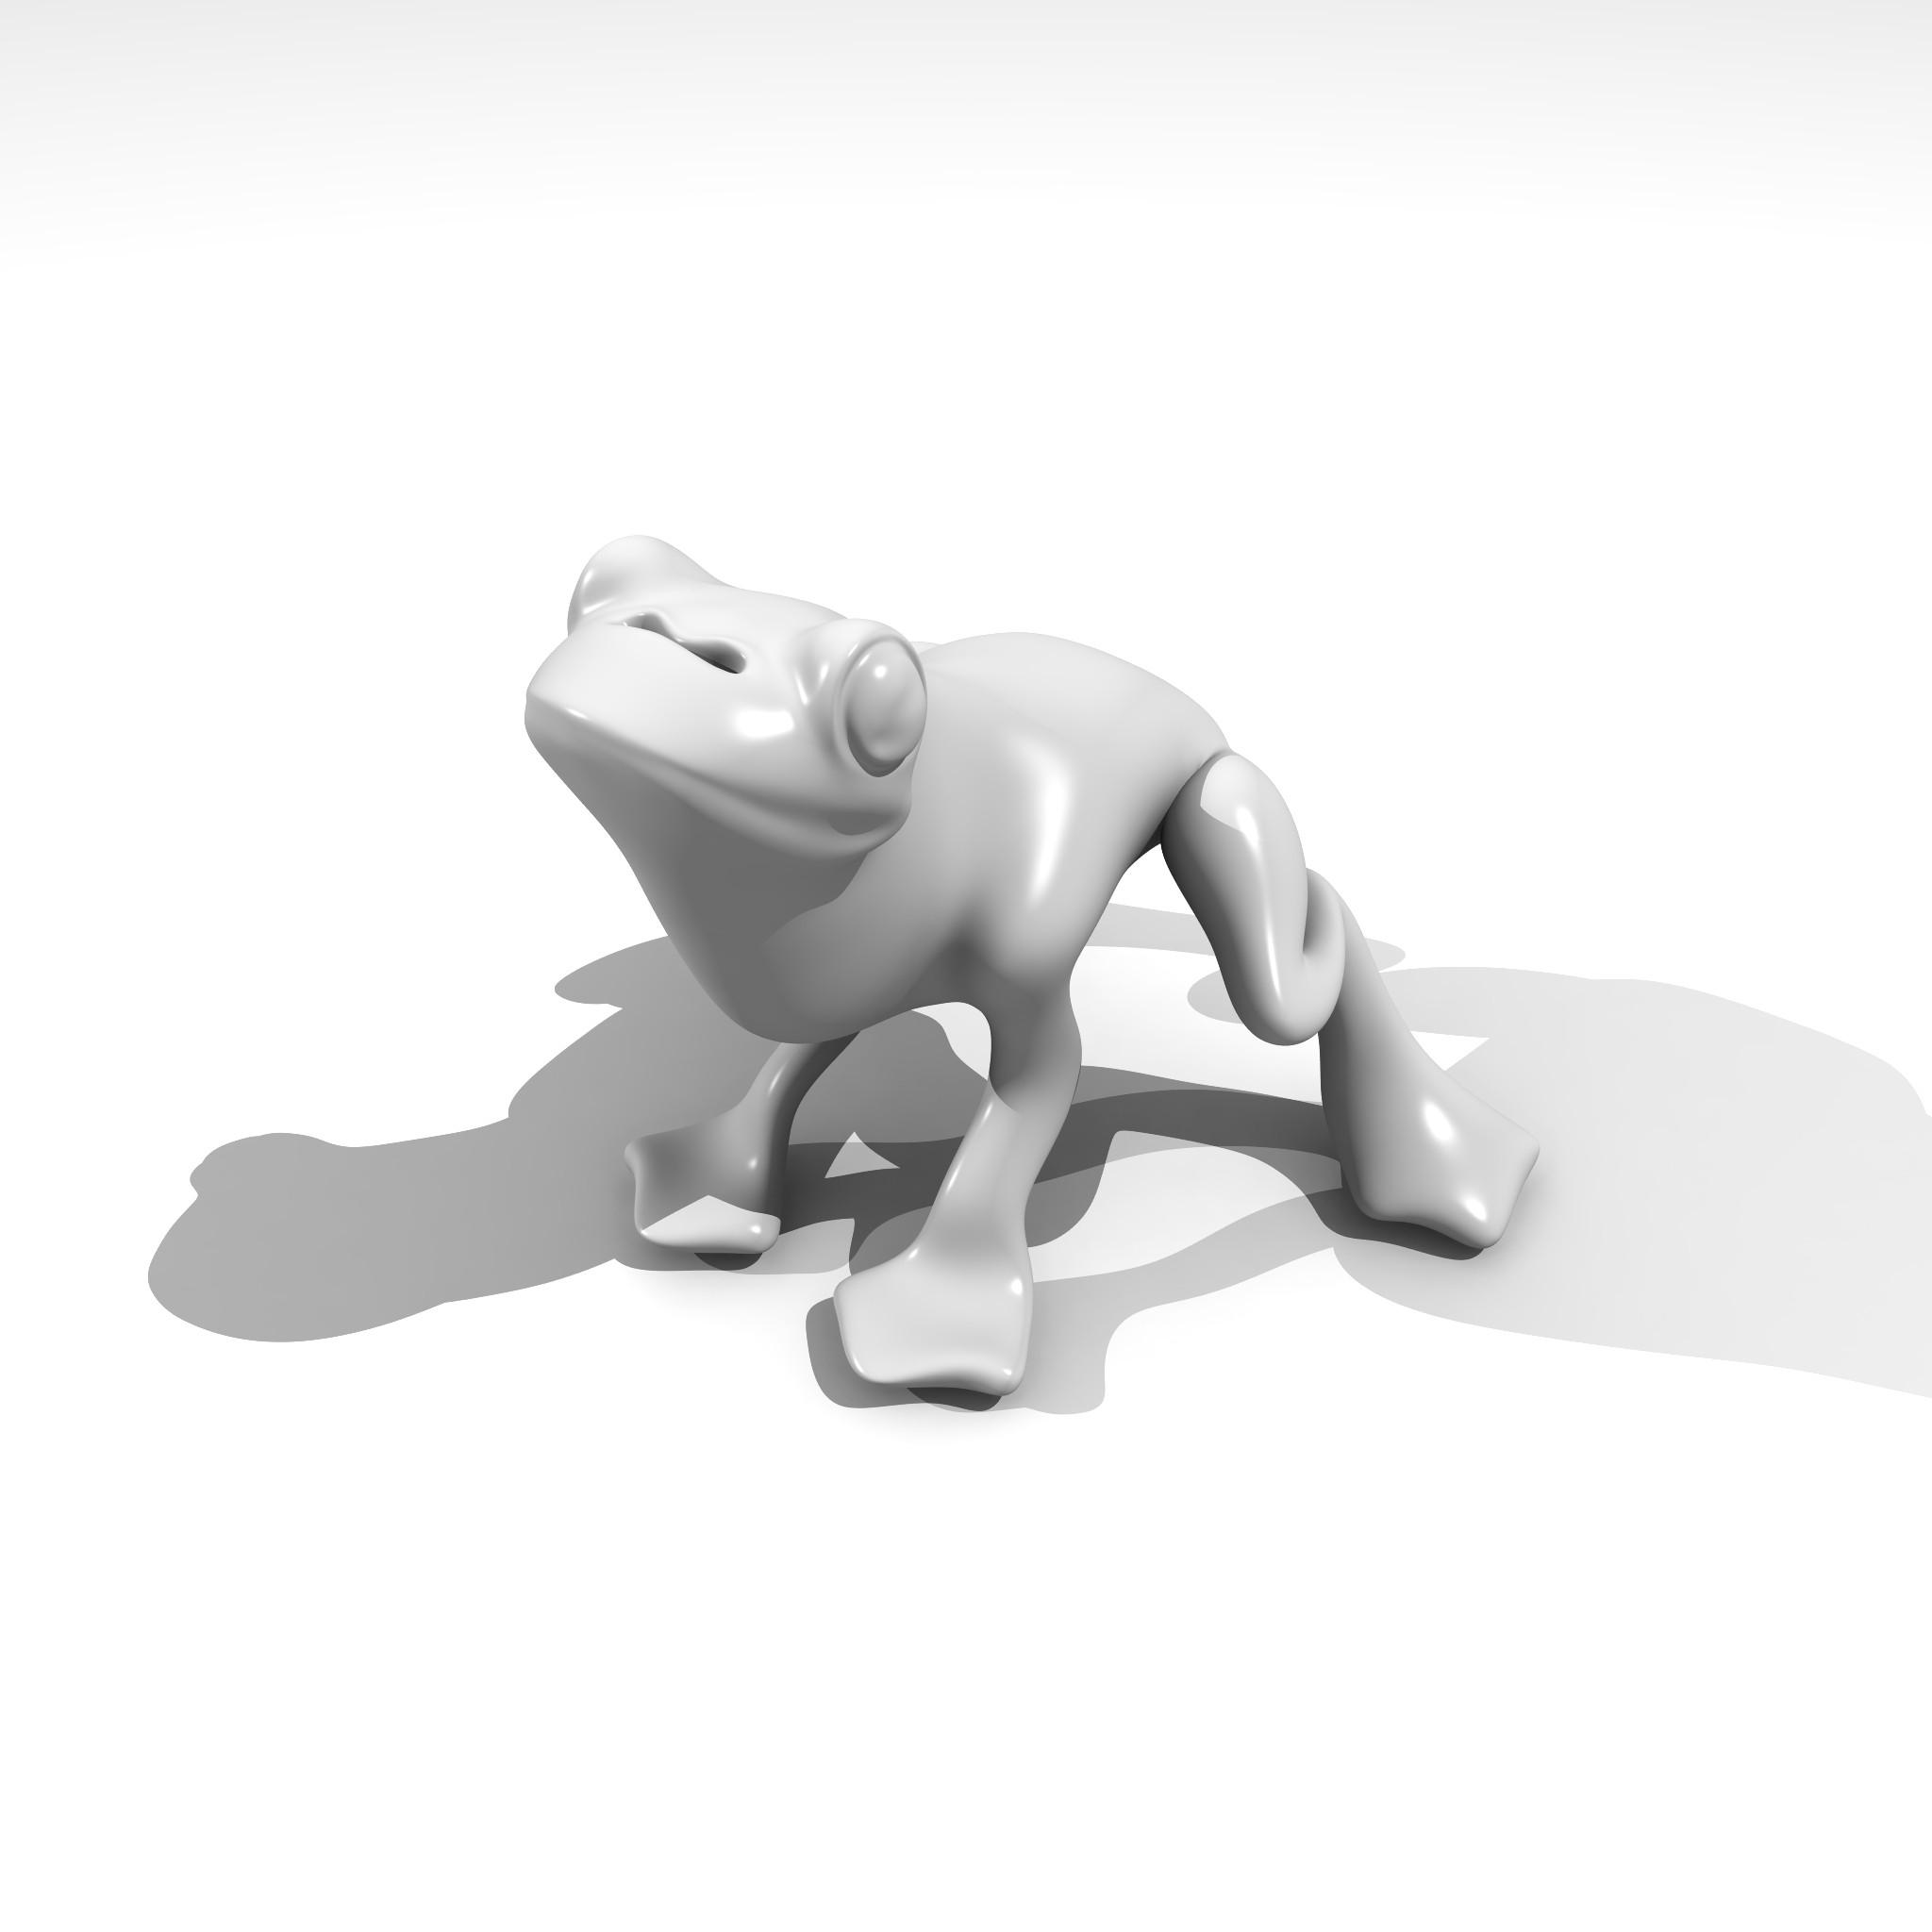 frog_render01.jpg